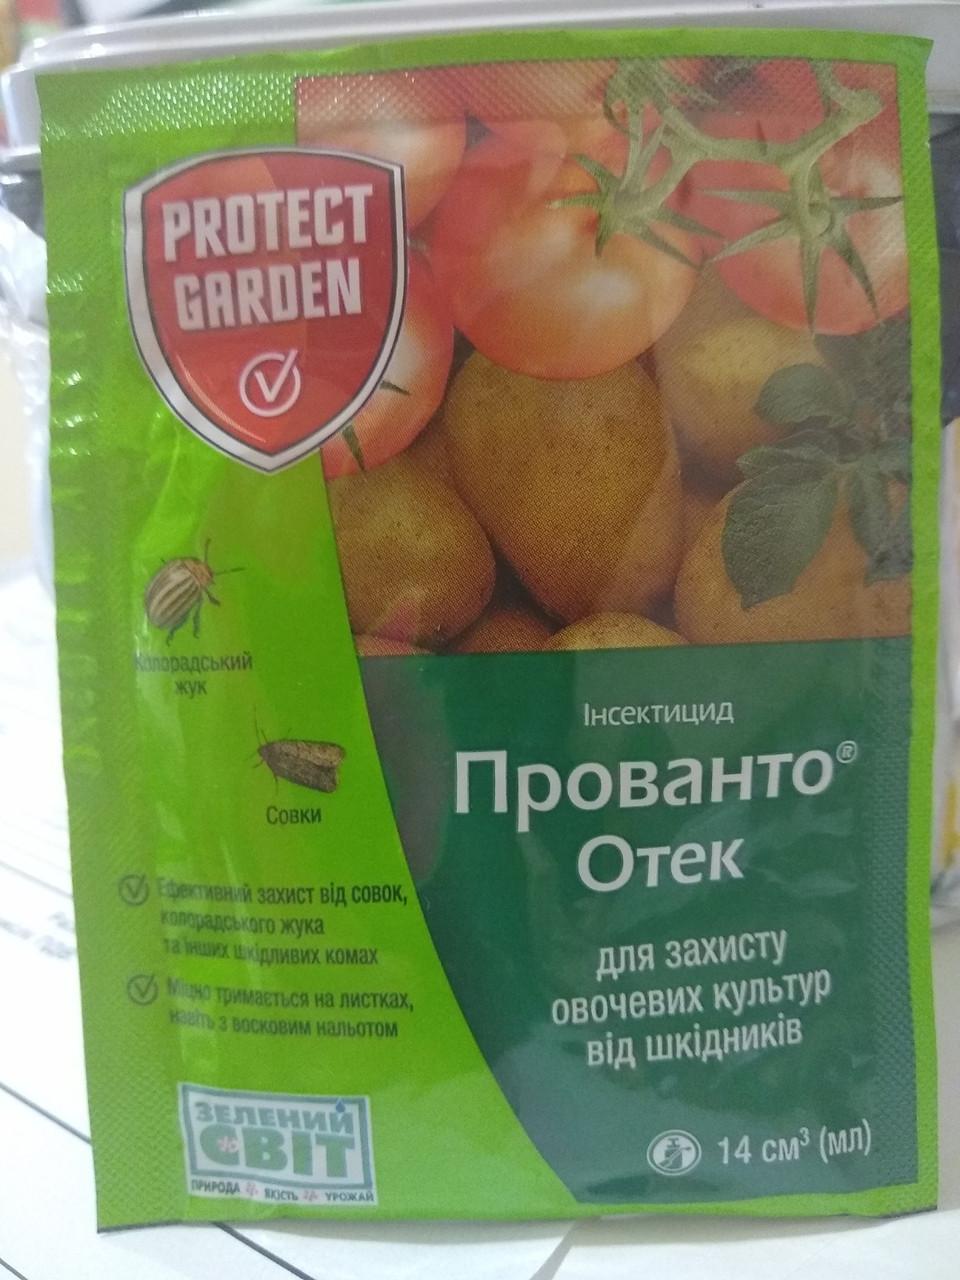 Инсектицид системно-контактный Прованто Отек 110 OD МД для картофеля томата, сахарной свеклы 14 мл Bayer Герма